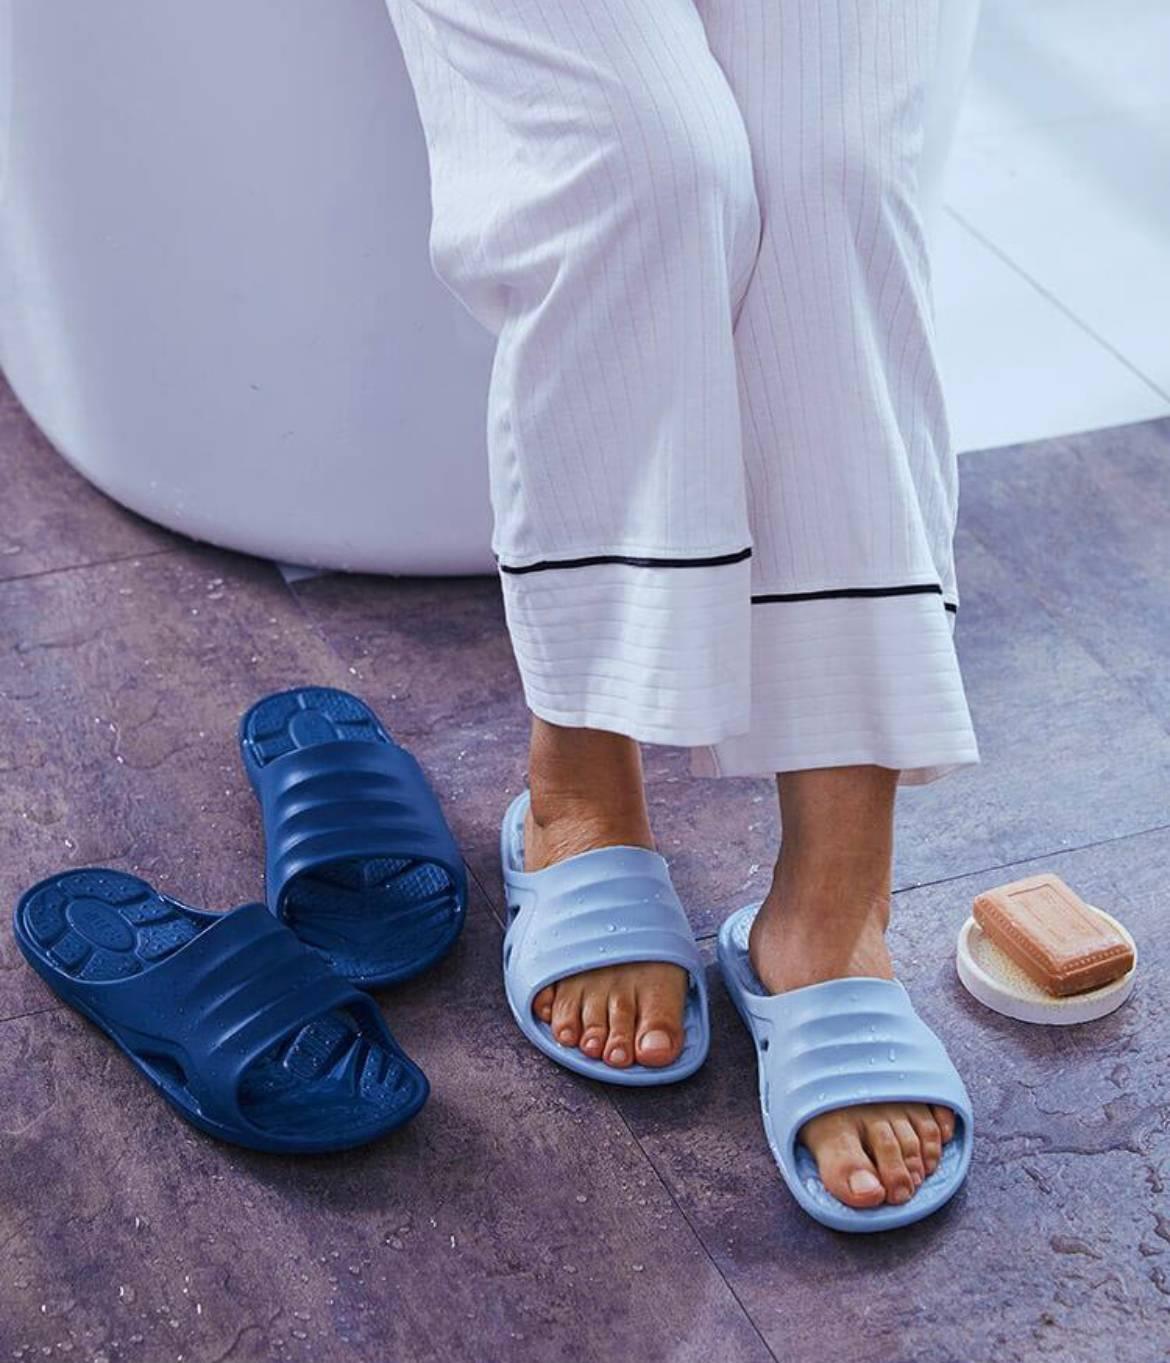 足力健老人鞋 是父亲节更暖心的礼物